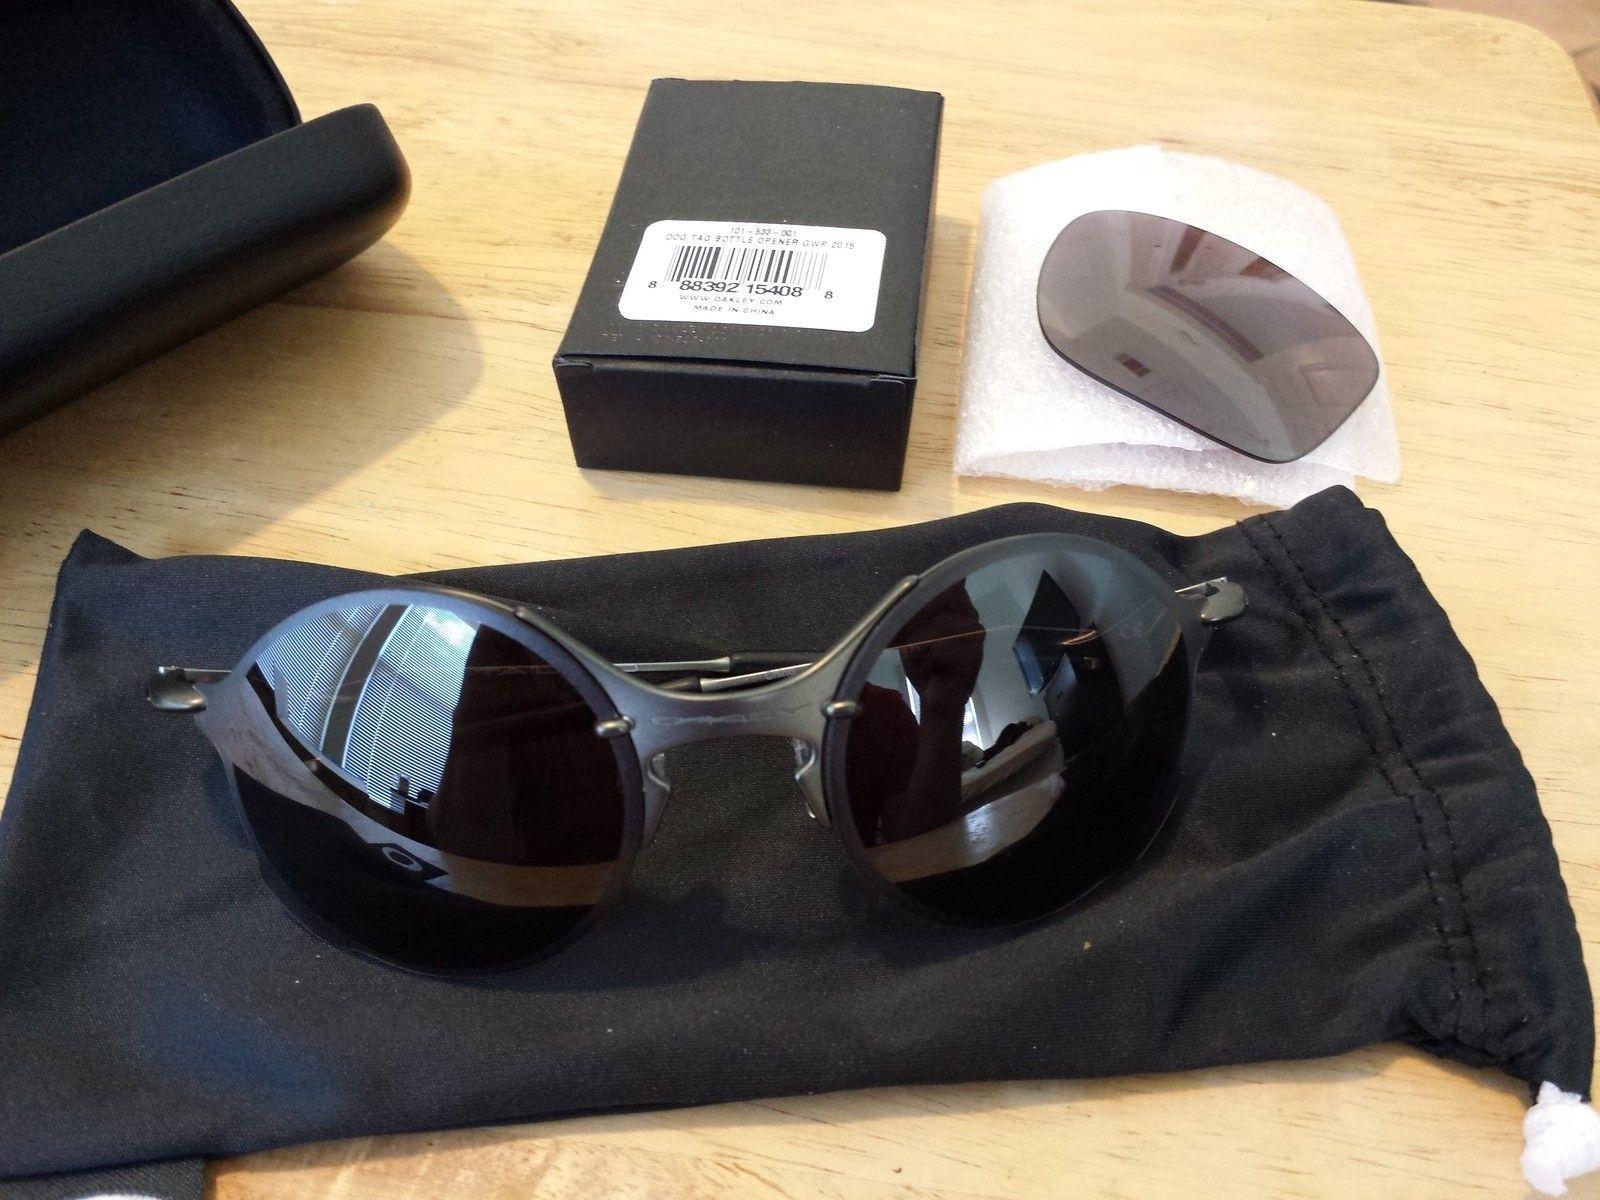 DPP Sliver lenses, 2015 bottle opener - uploadfromtaptalk1443034187880.jpg